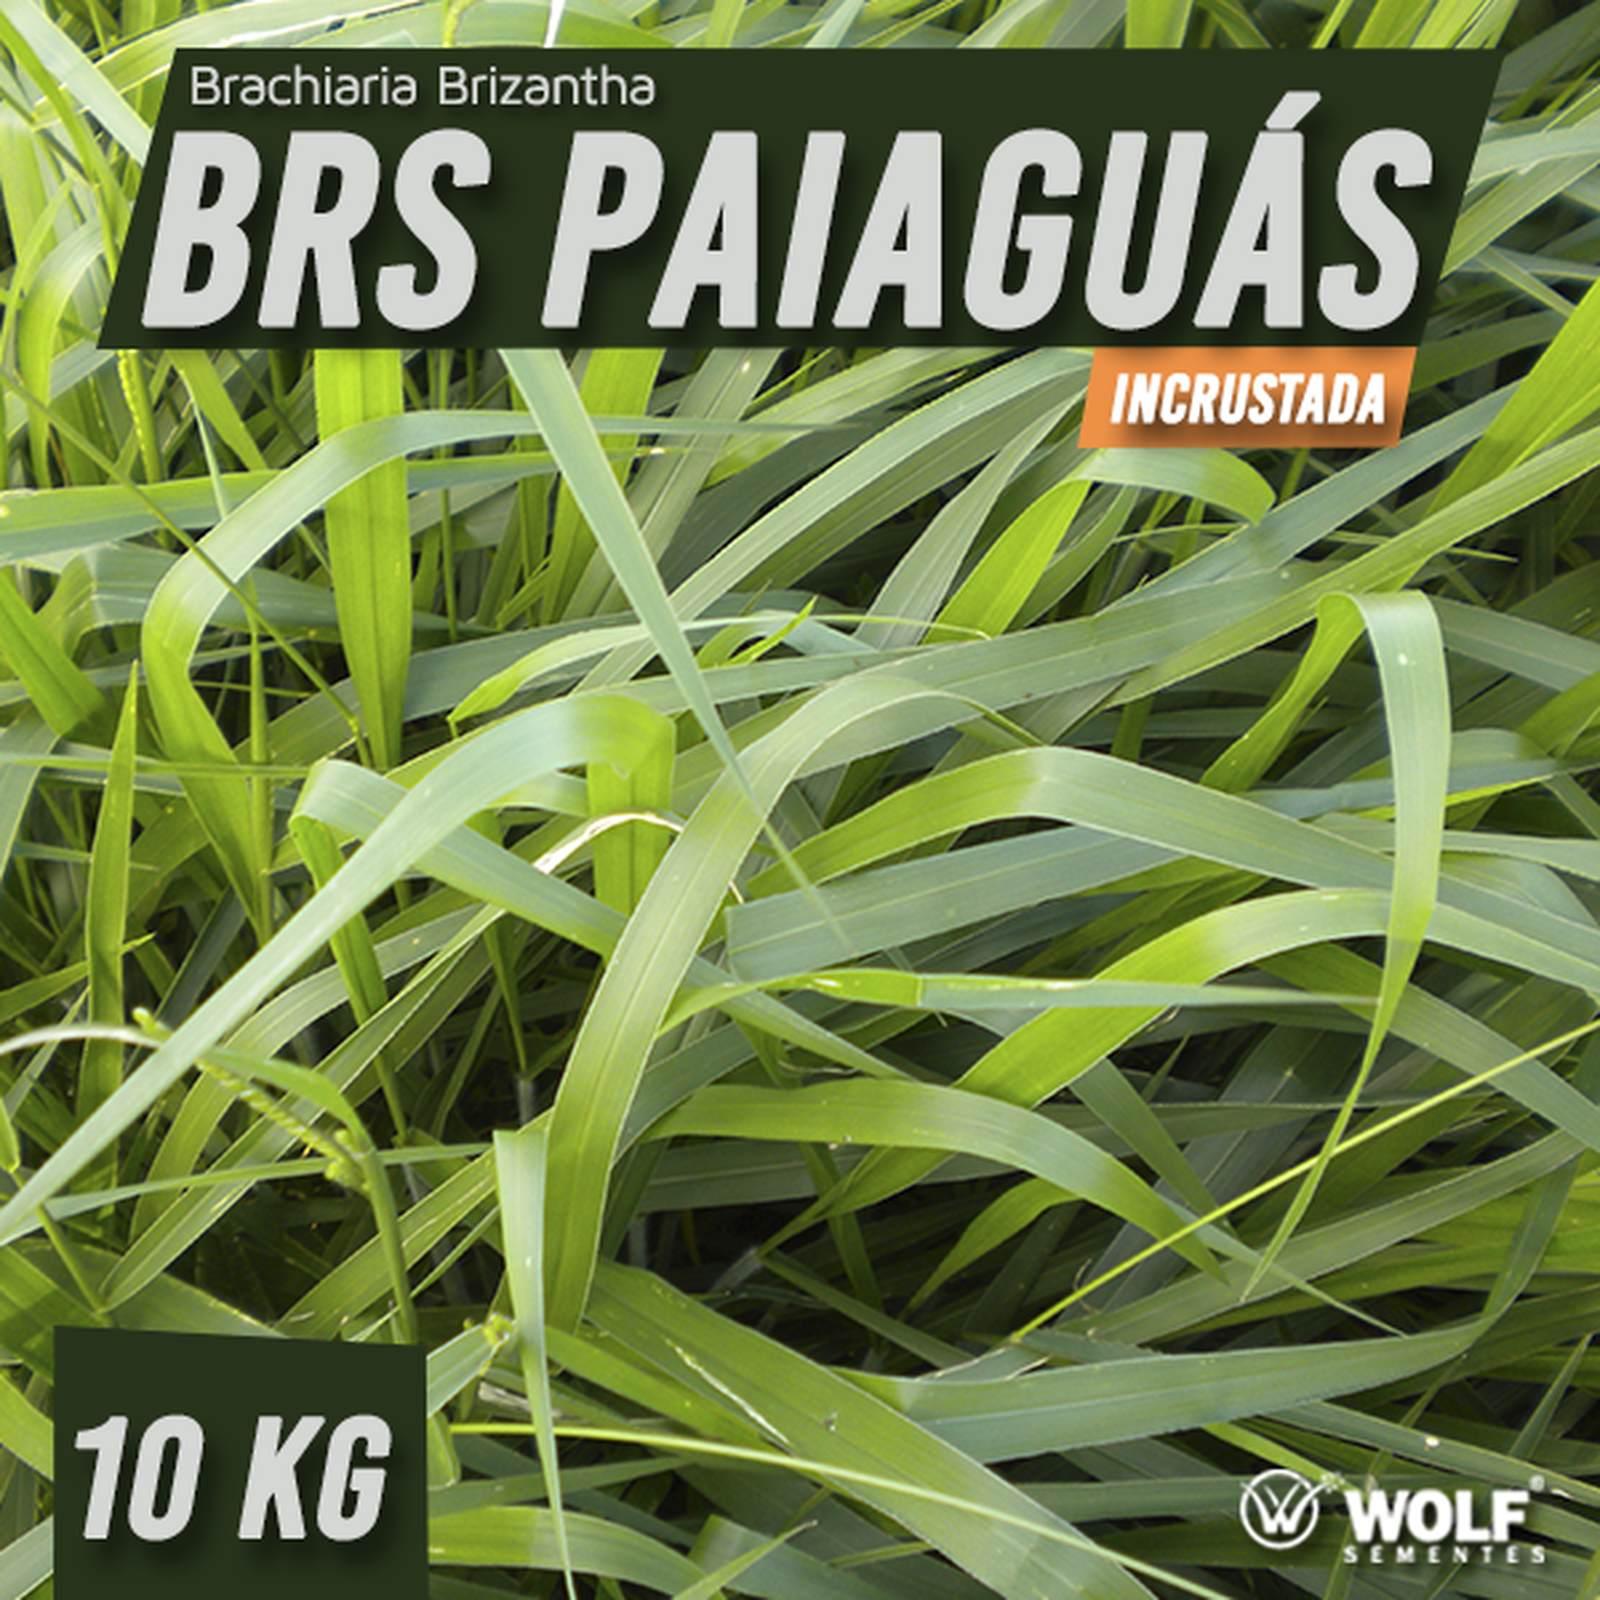 Sementes para Capim PAIAGUÁS Incrustada (Saco de 10kg)